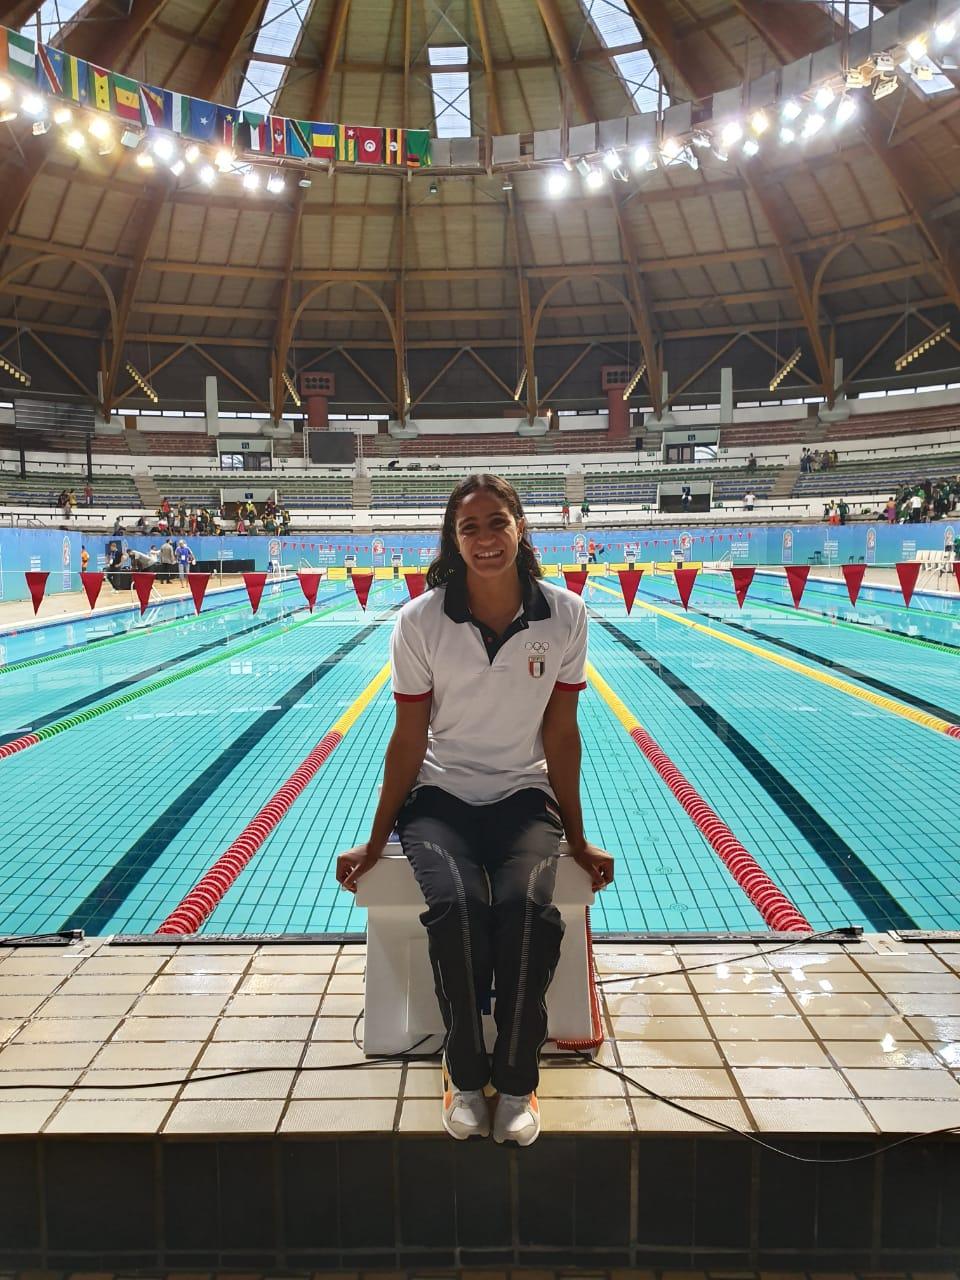 بطلة السباحة هانيا مورو